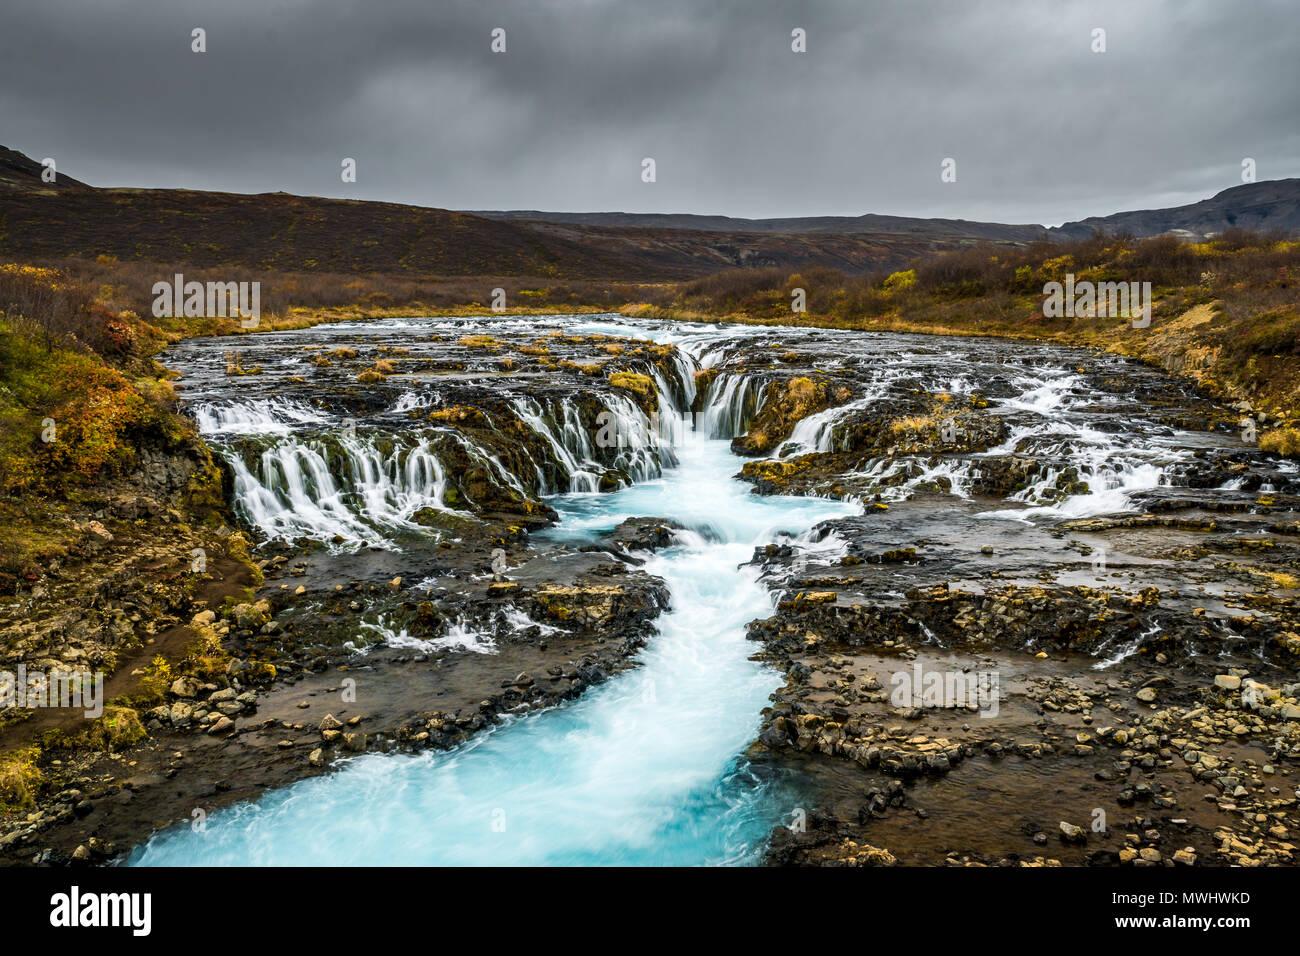 Sólo una pequeña pero muy hermosa cascada a lo largo del círculo dorado. Sin duda uno de mis lugares favoritos en Islandia pero algo difícil de conseguir, el pecado Imagen De Stock